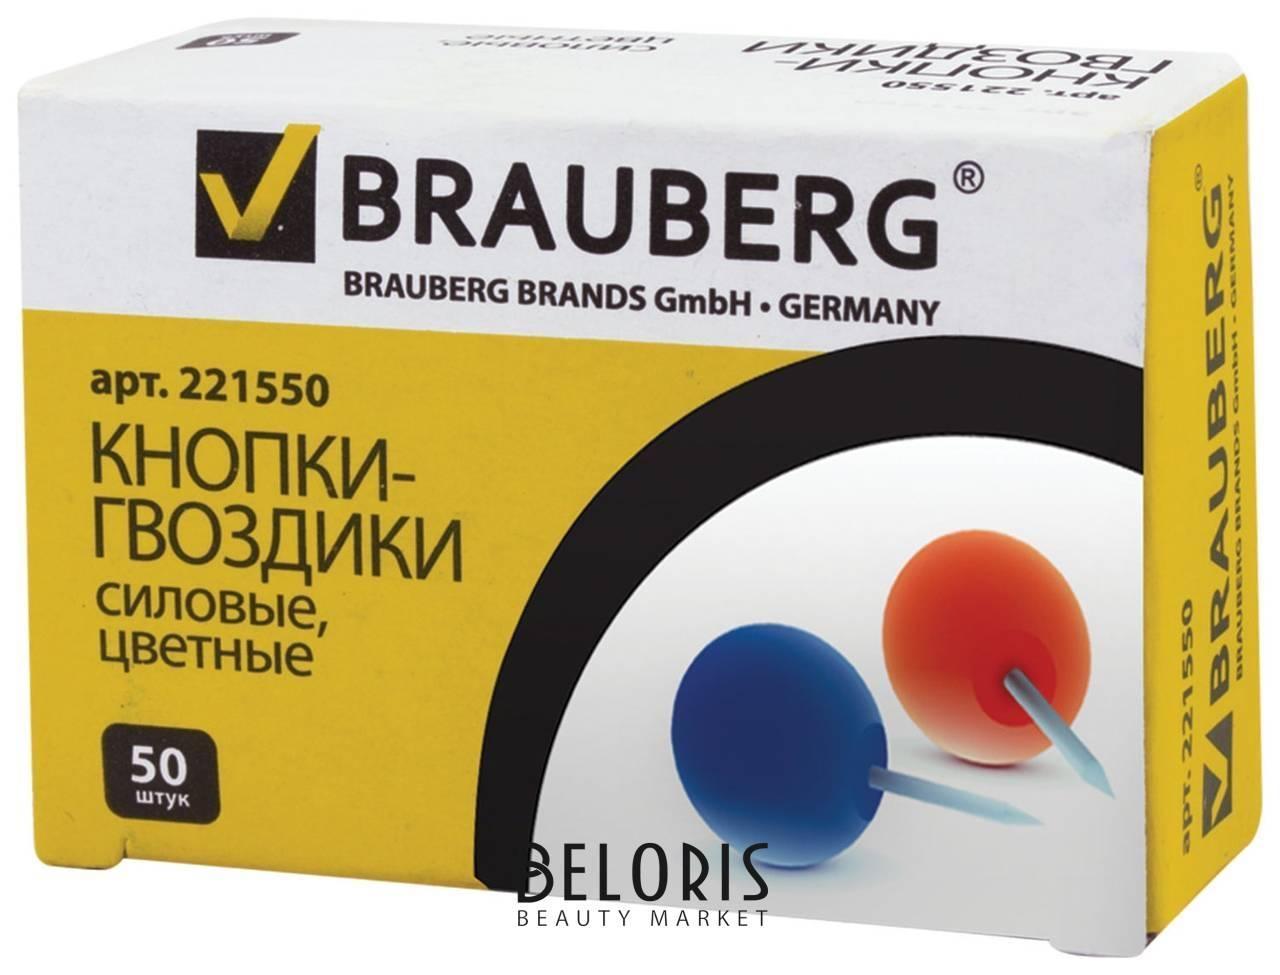 Силовые кнопки-гвоздики Brauberg, цветные (Шарики), 50 шт., в картонной коробке Brauberg